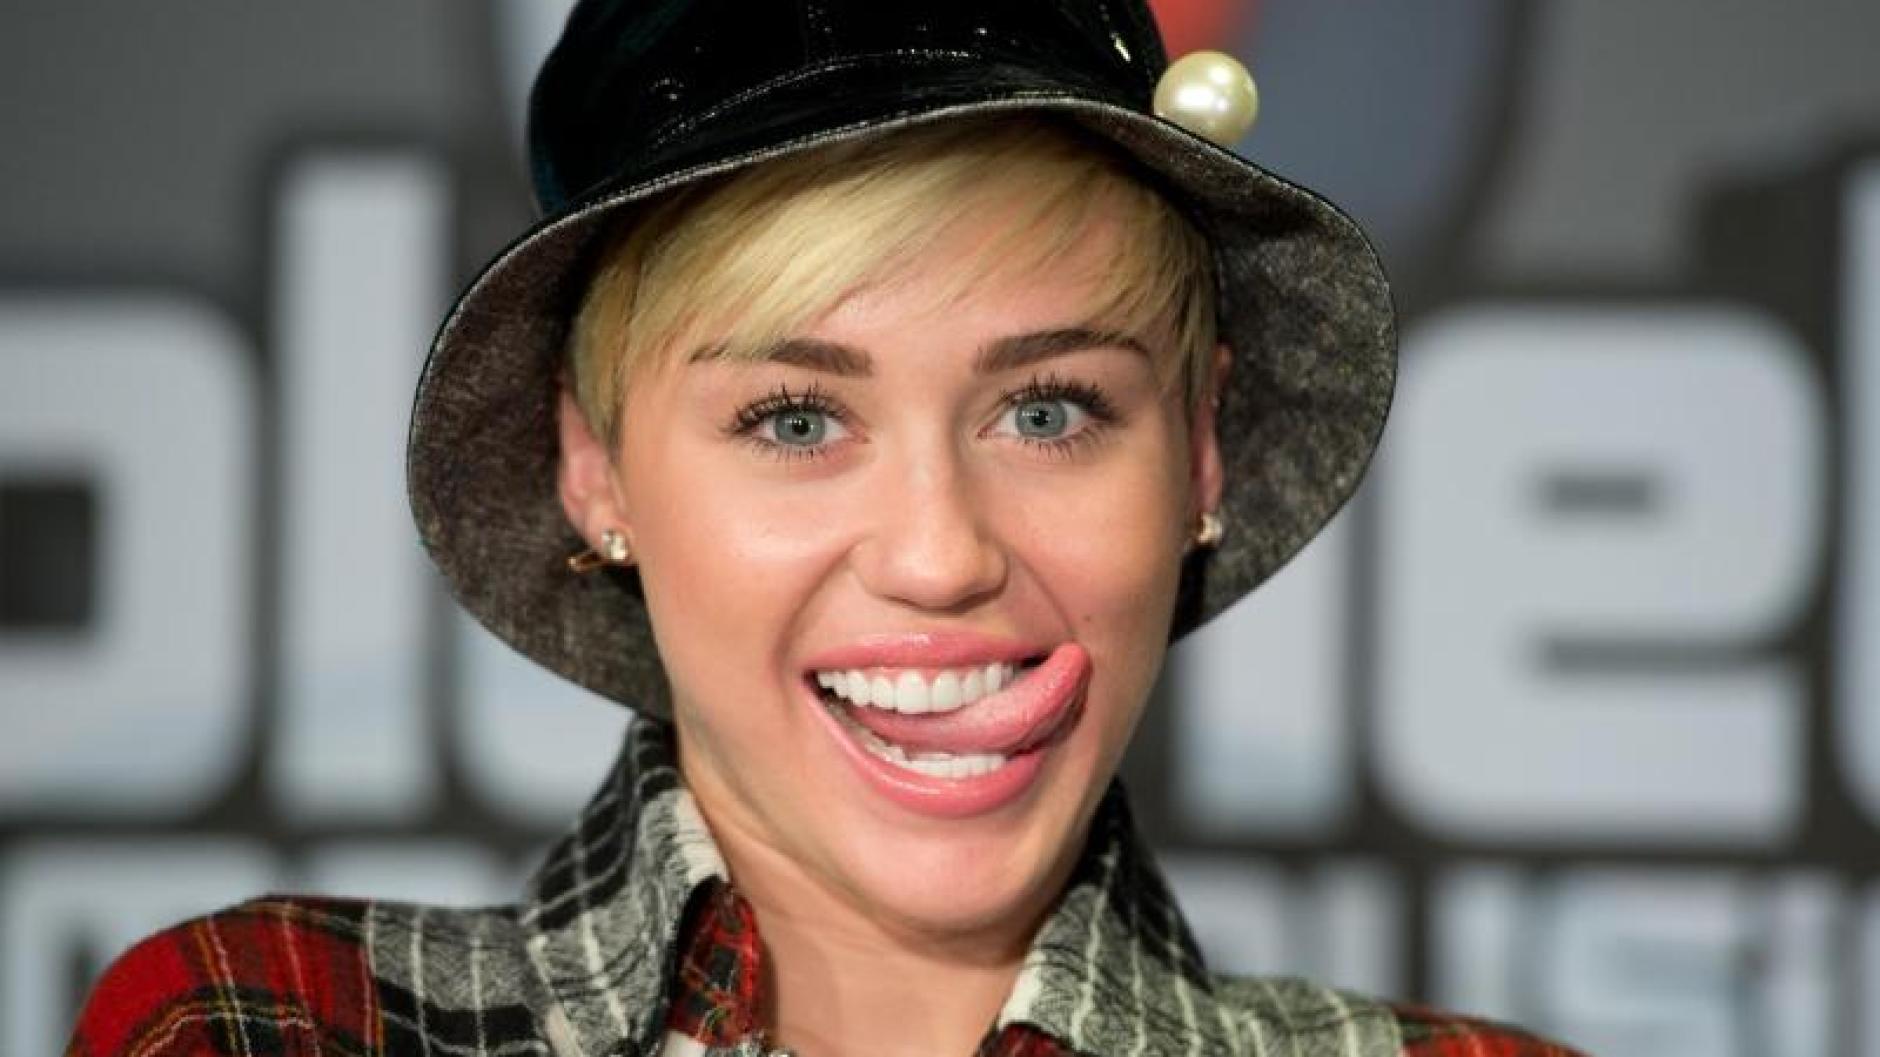 Schon wieder: Miley Cyrus nackt?: Lukratives Angebot